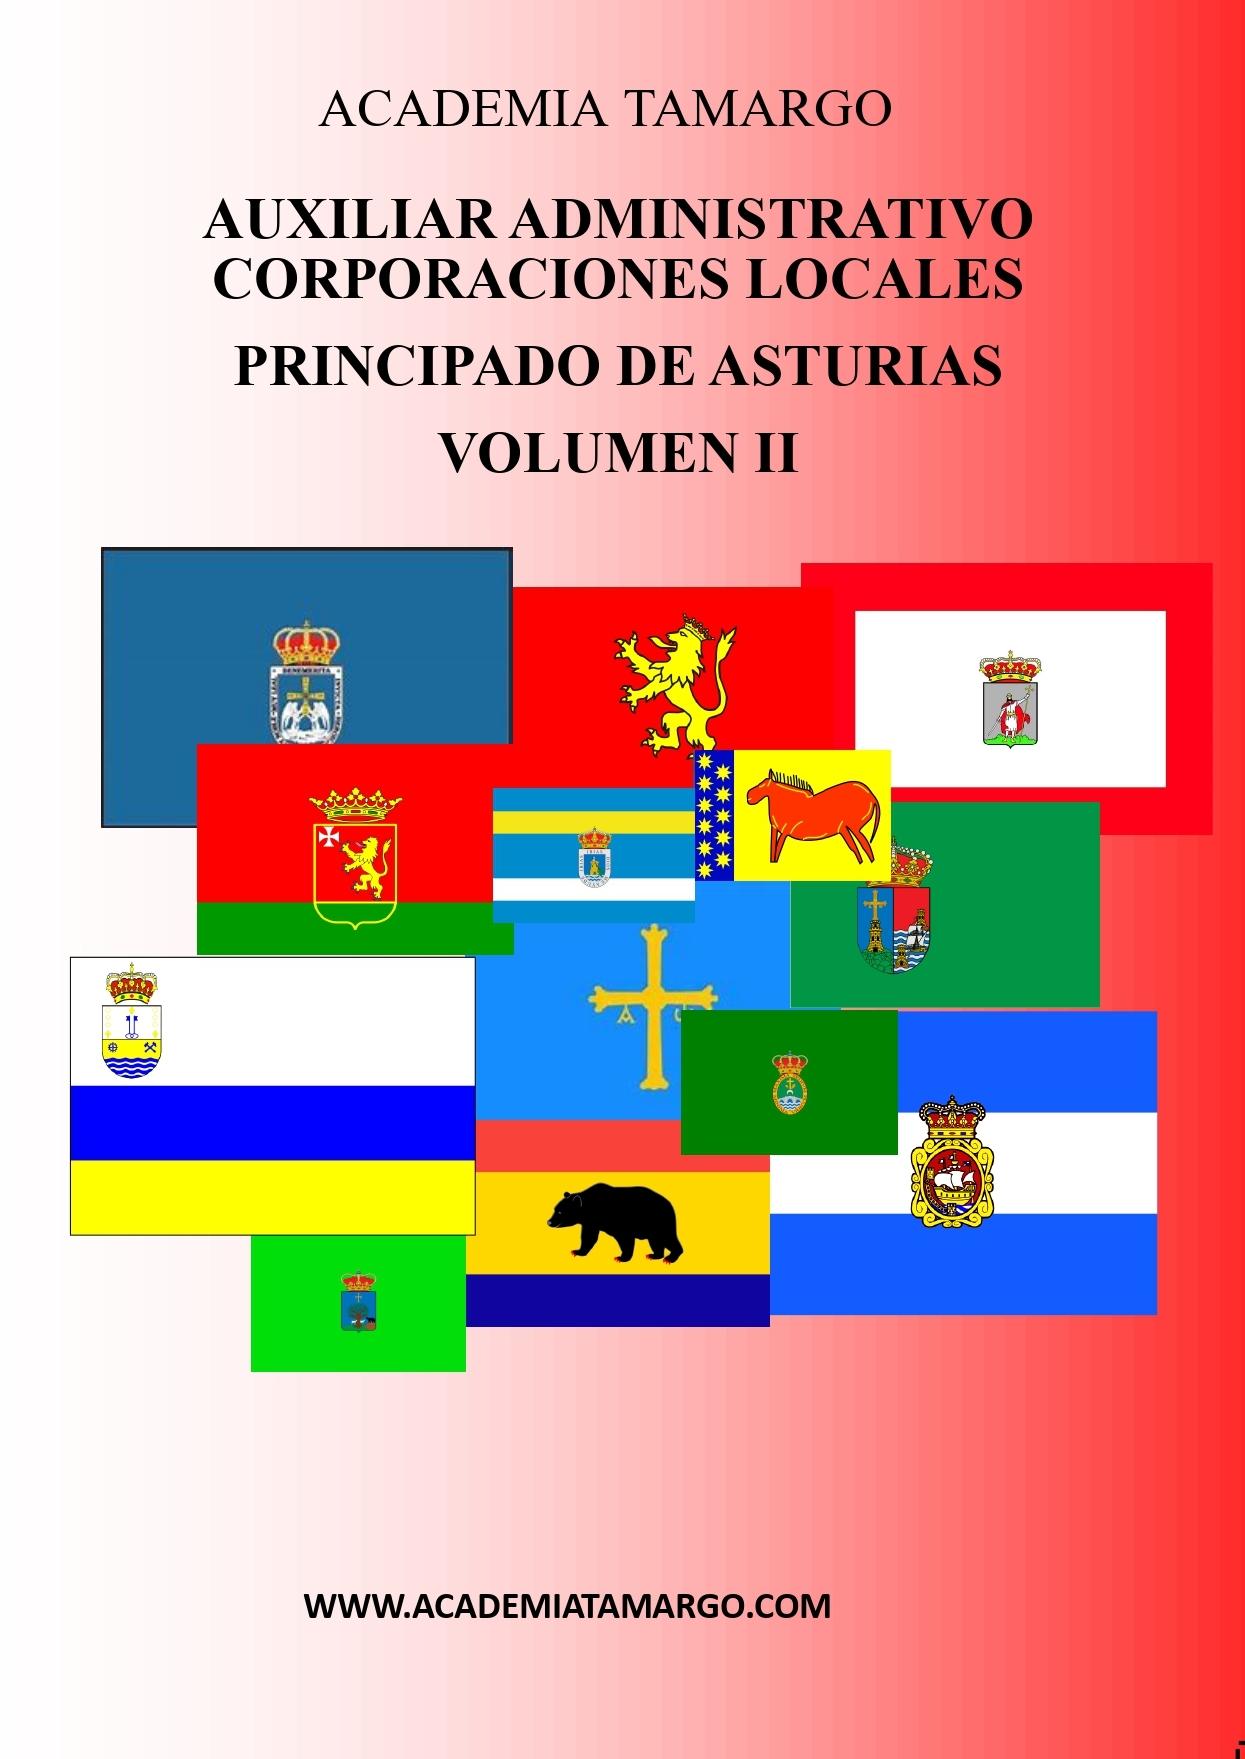 portada, contraportada corporaciones local volumen II_page-0001